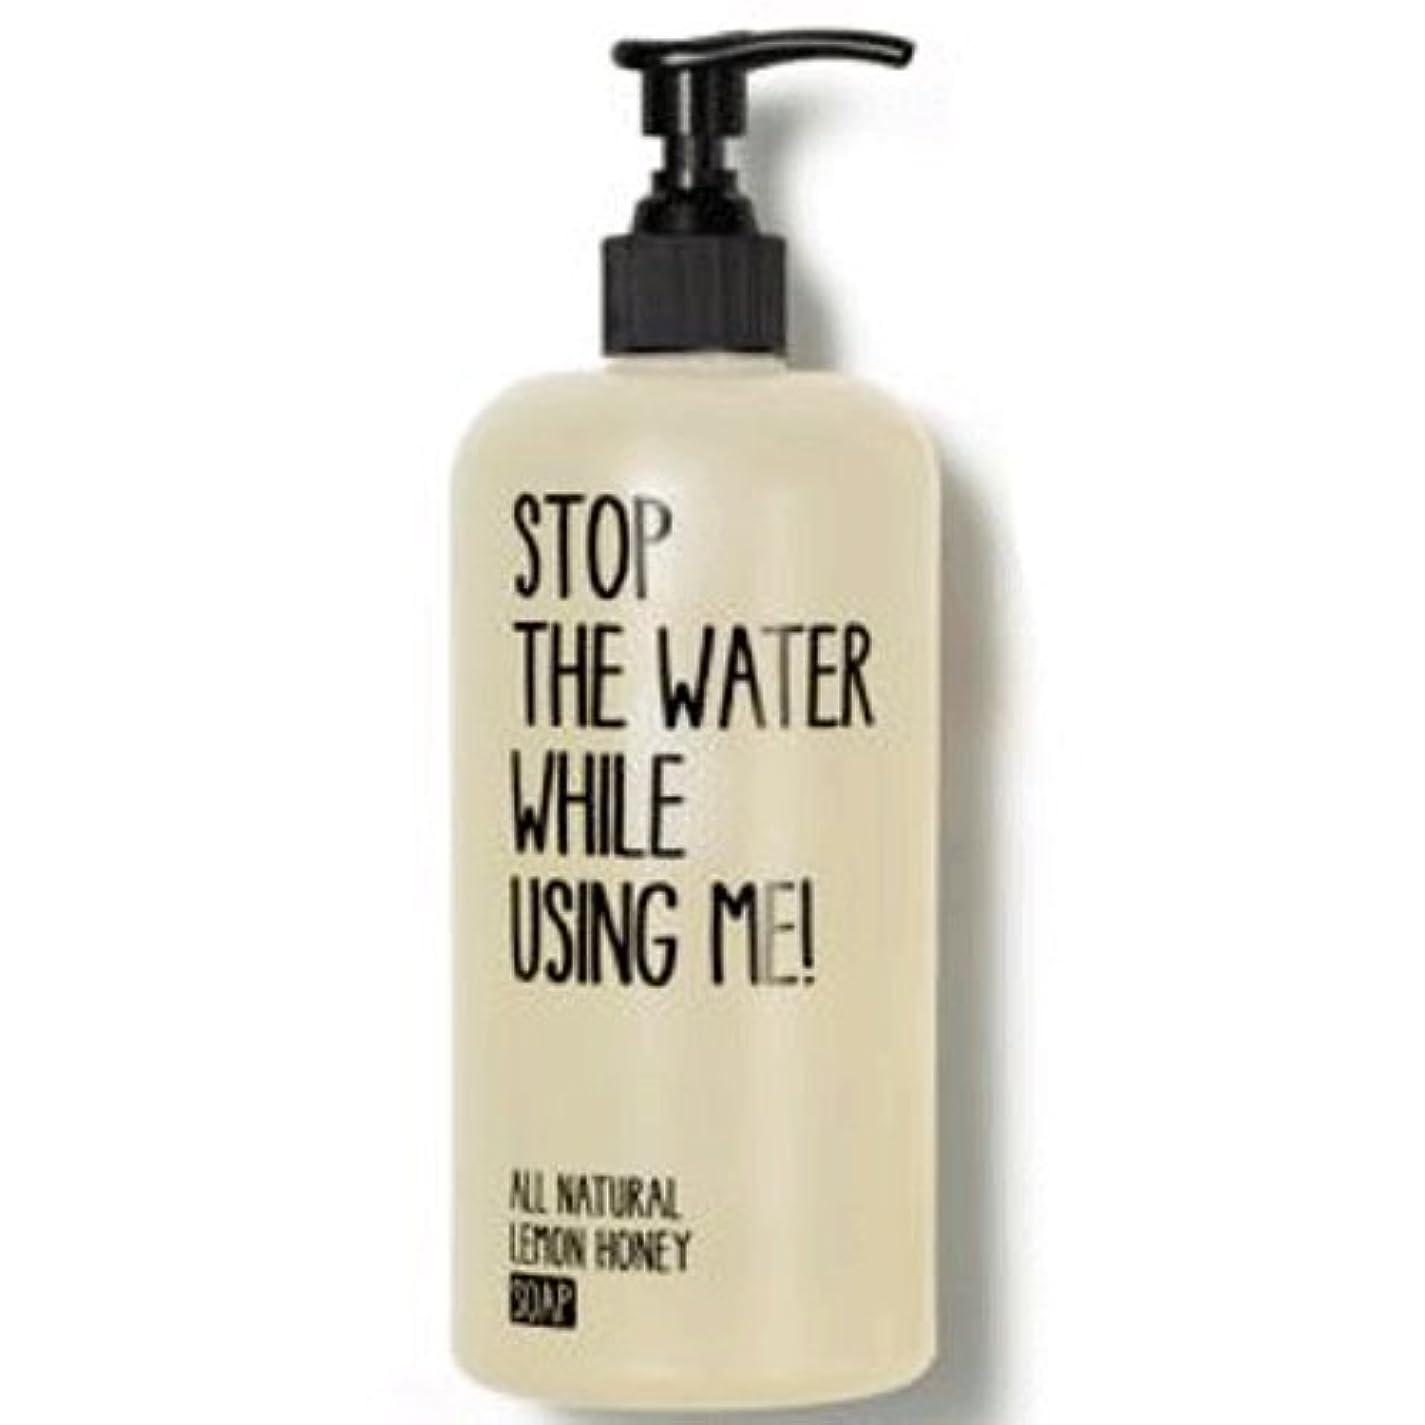 抵抗するポンプアトラス【STOP THE WATER WHILE USING ME!】L&Hソープ(レモン&ハニー) 500ml [並行輸入品]